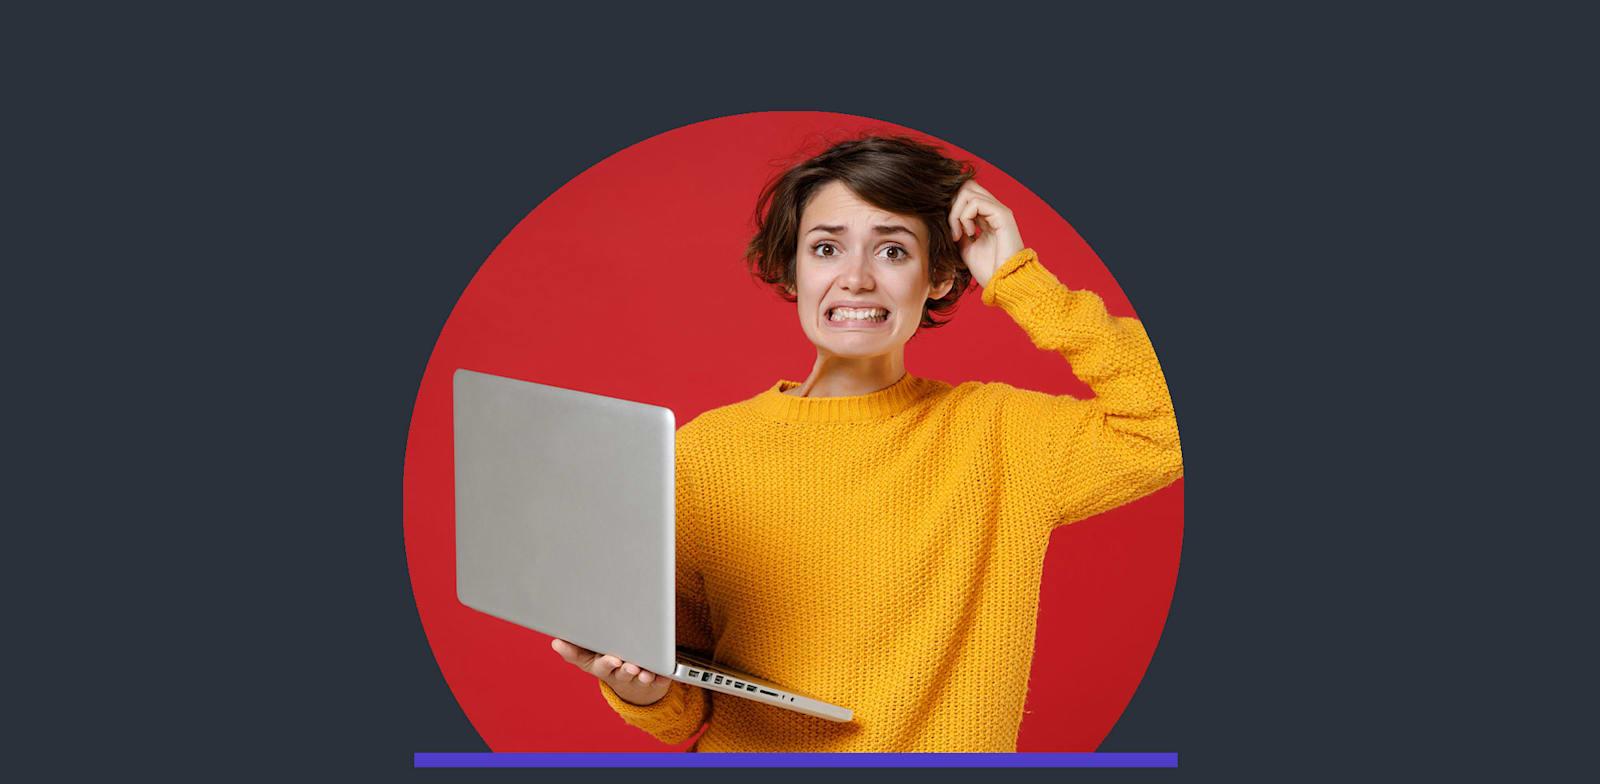 אל תתנו למודעות דרושים תובעניות להבהיל אתכם. ובעיקר אתכן / צילום: Shutterstock